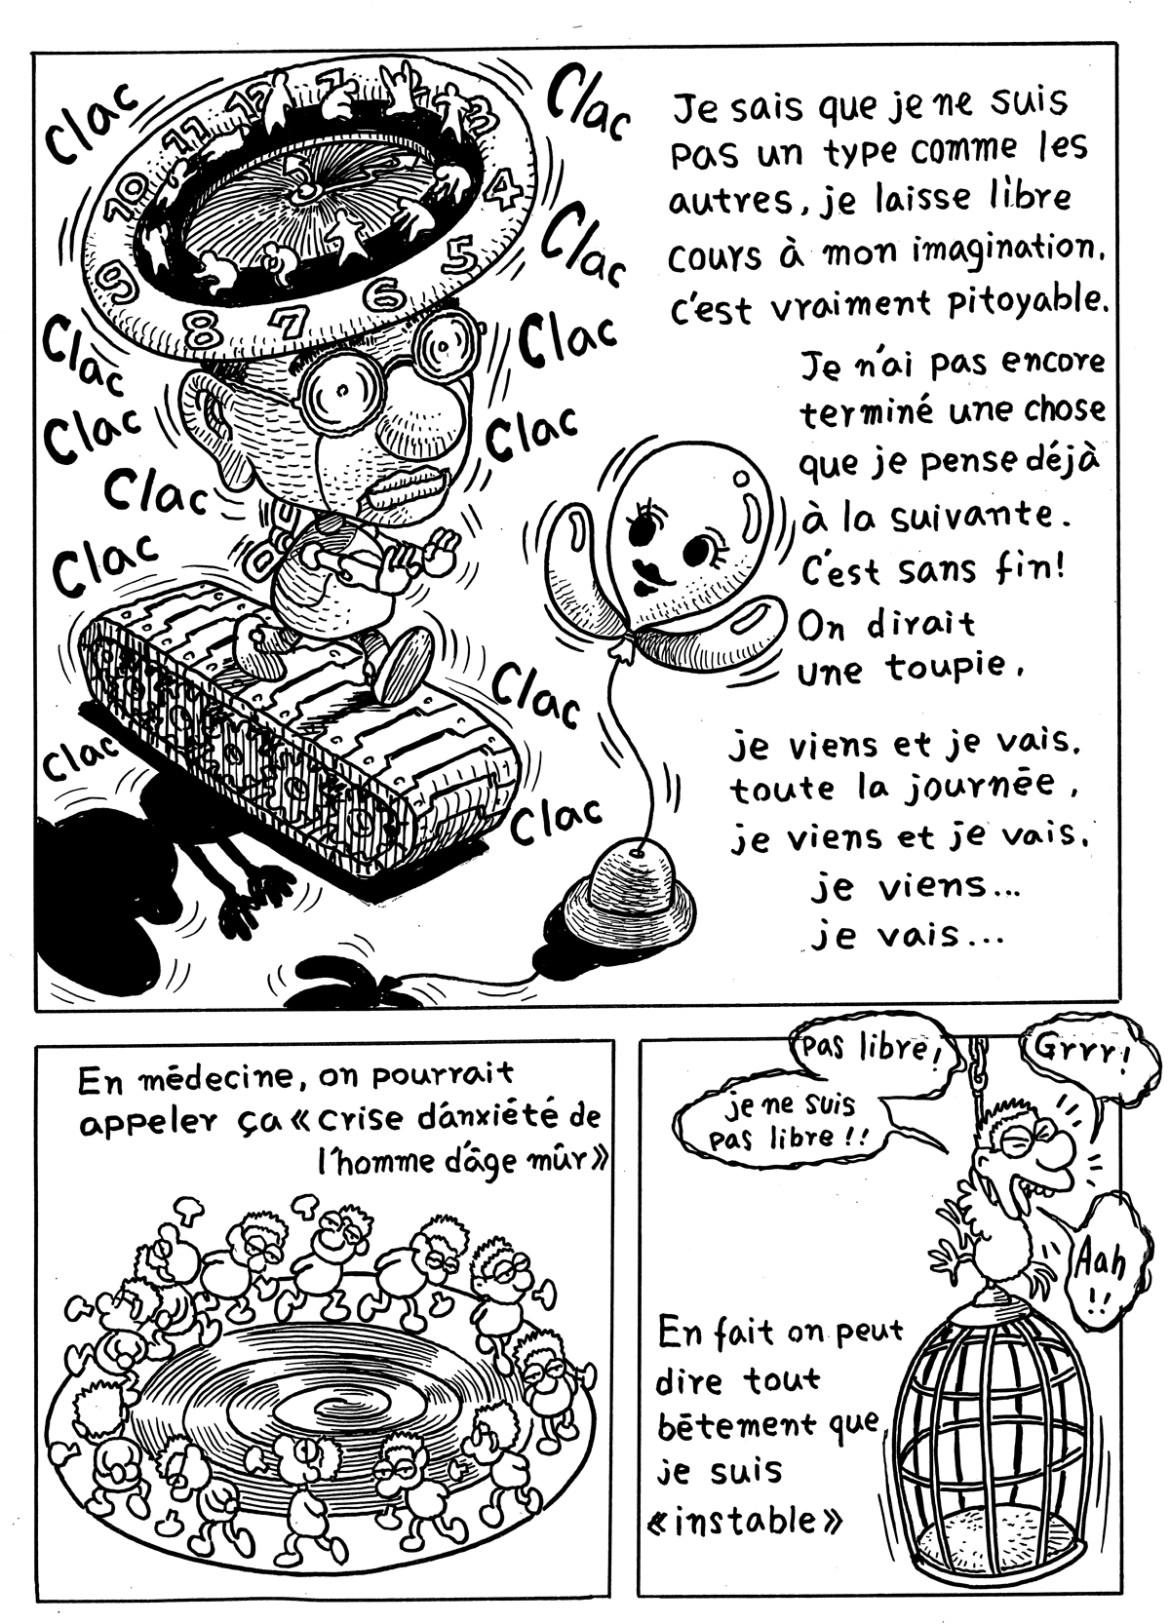 angouleme136